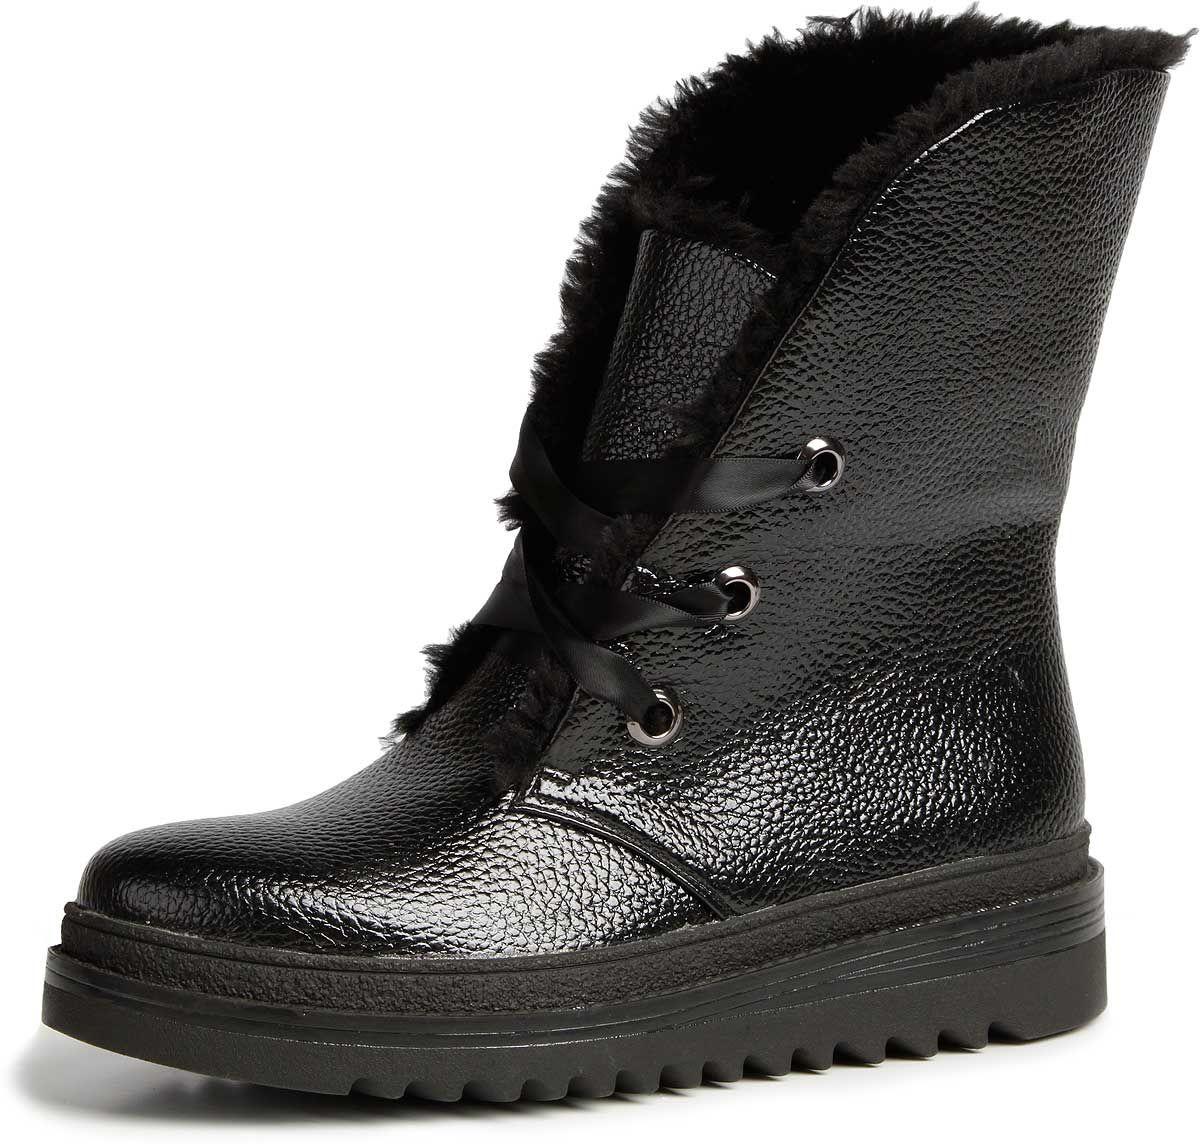 77a6feb1e Ботинки женские calipso цвет черный 006 01 rbz 01 km размер 40 ...